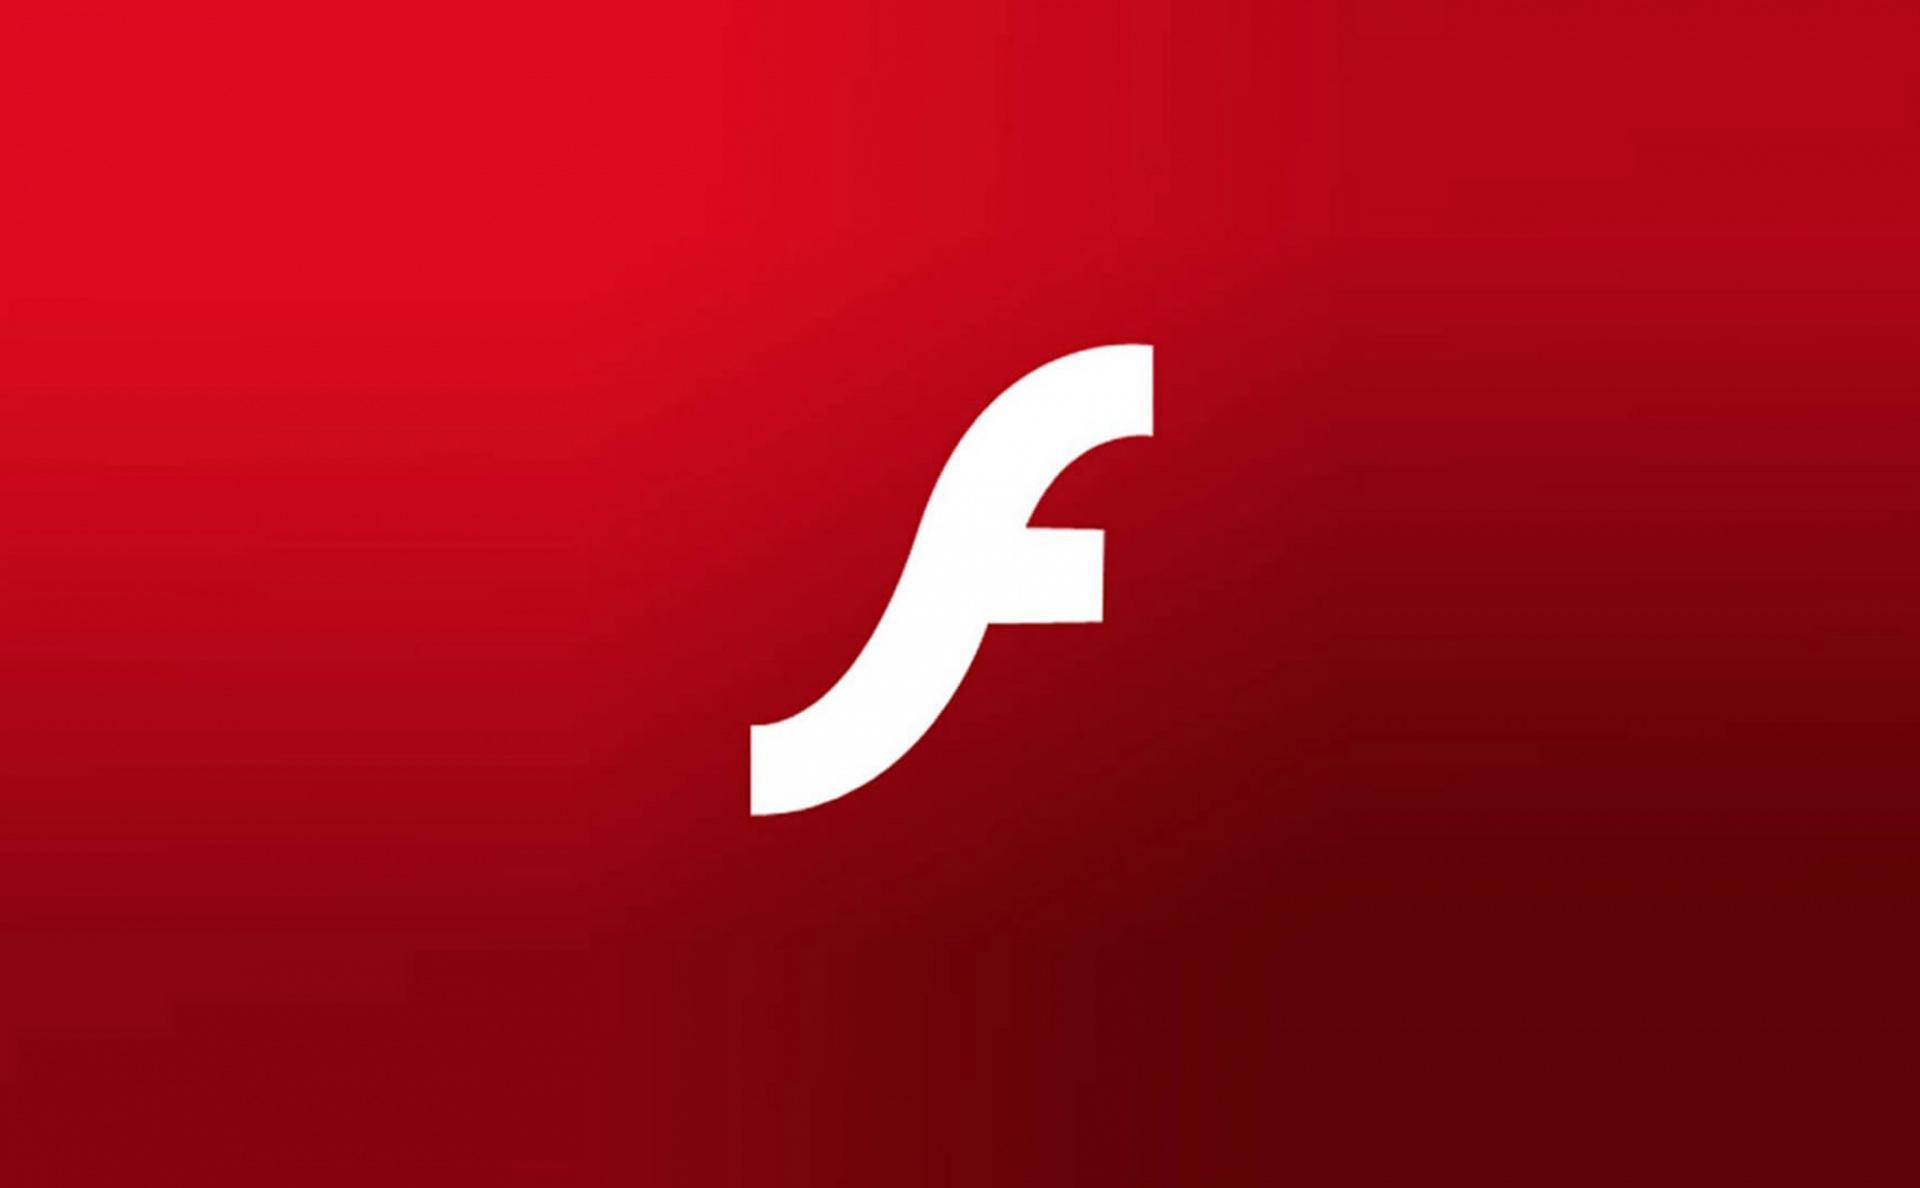 Microsoft назвала сроки смерти Adobe Flash Player в Windows 10